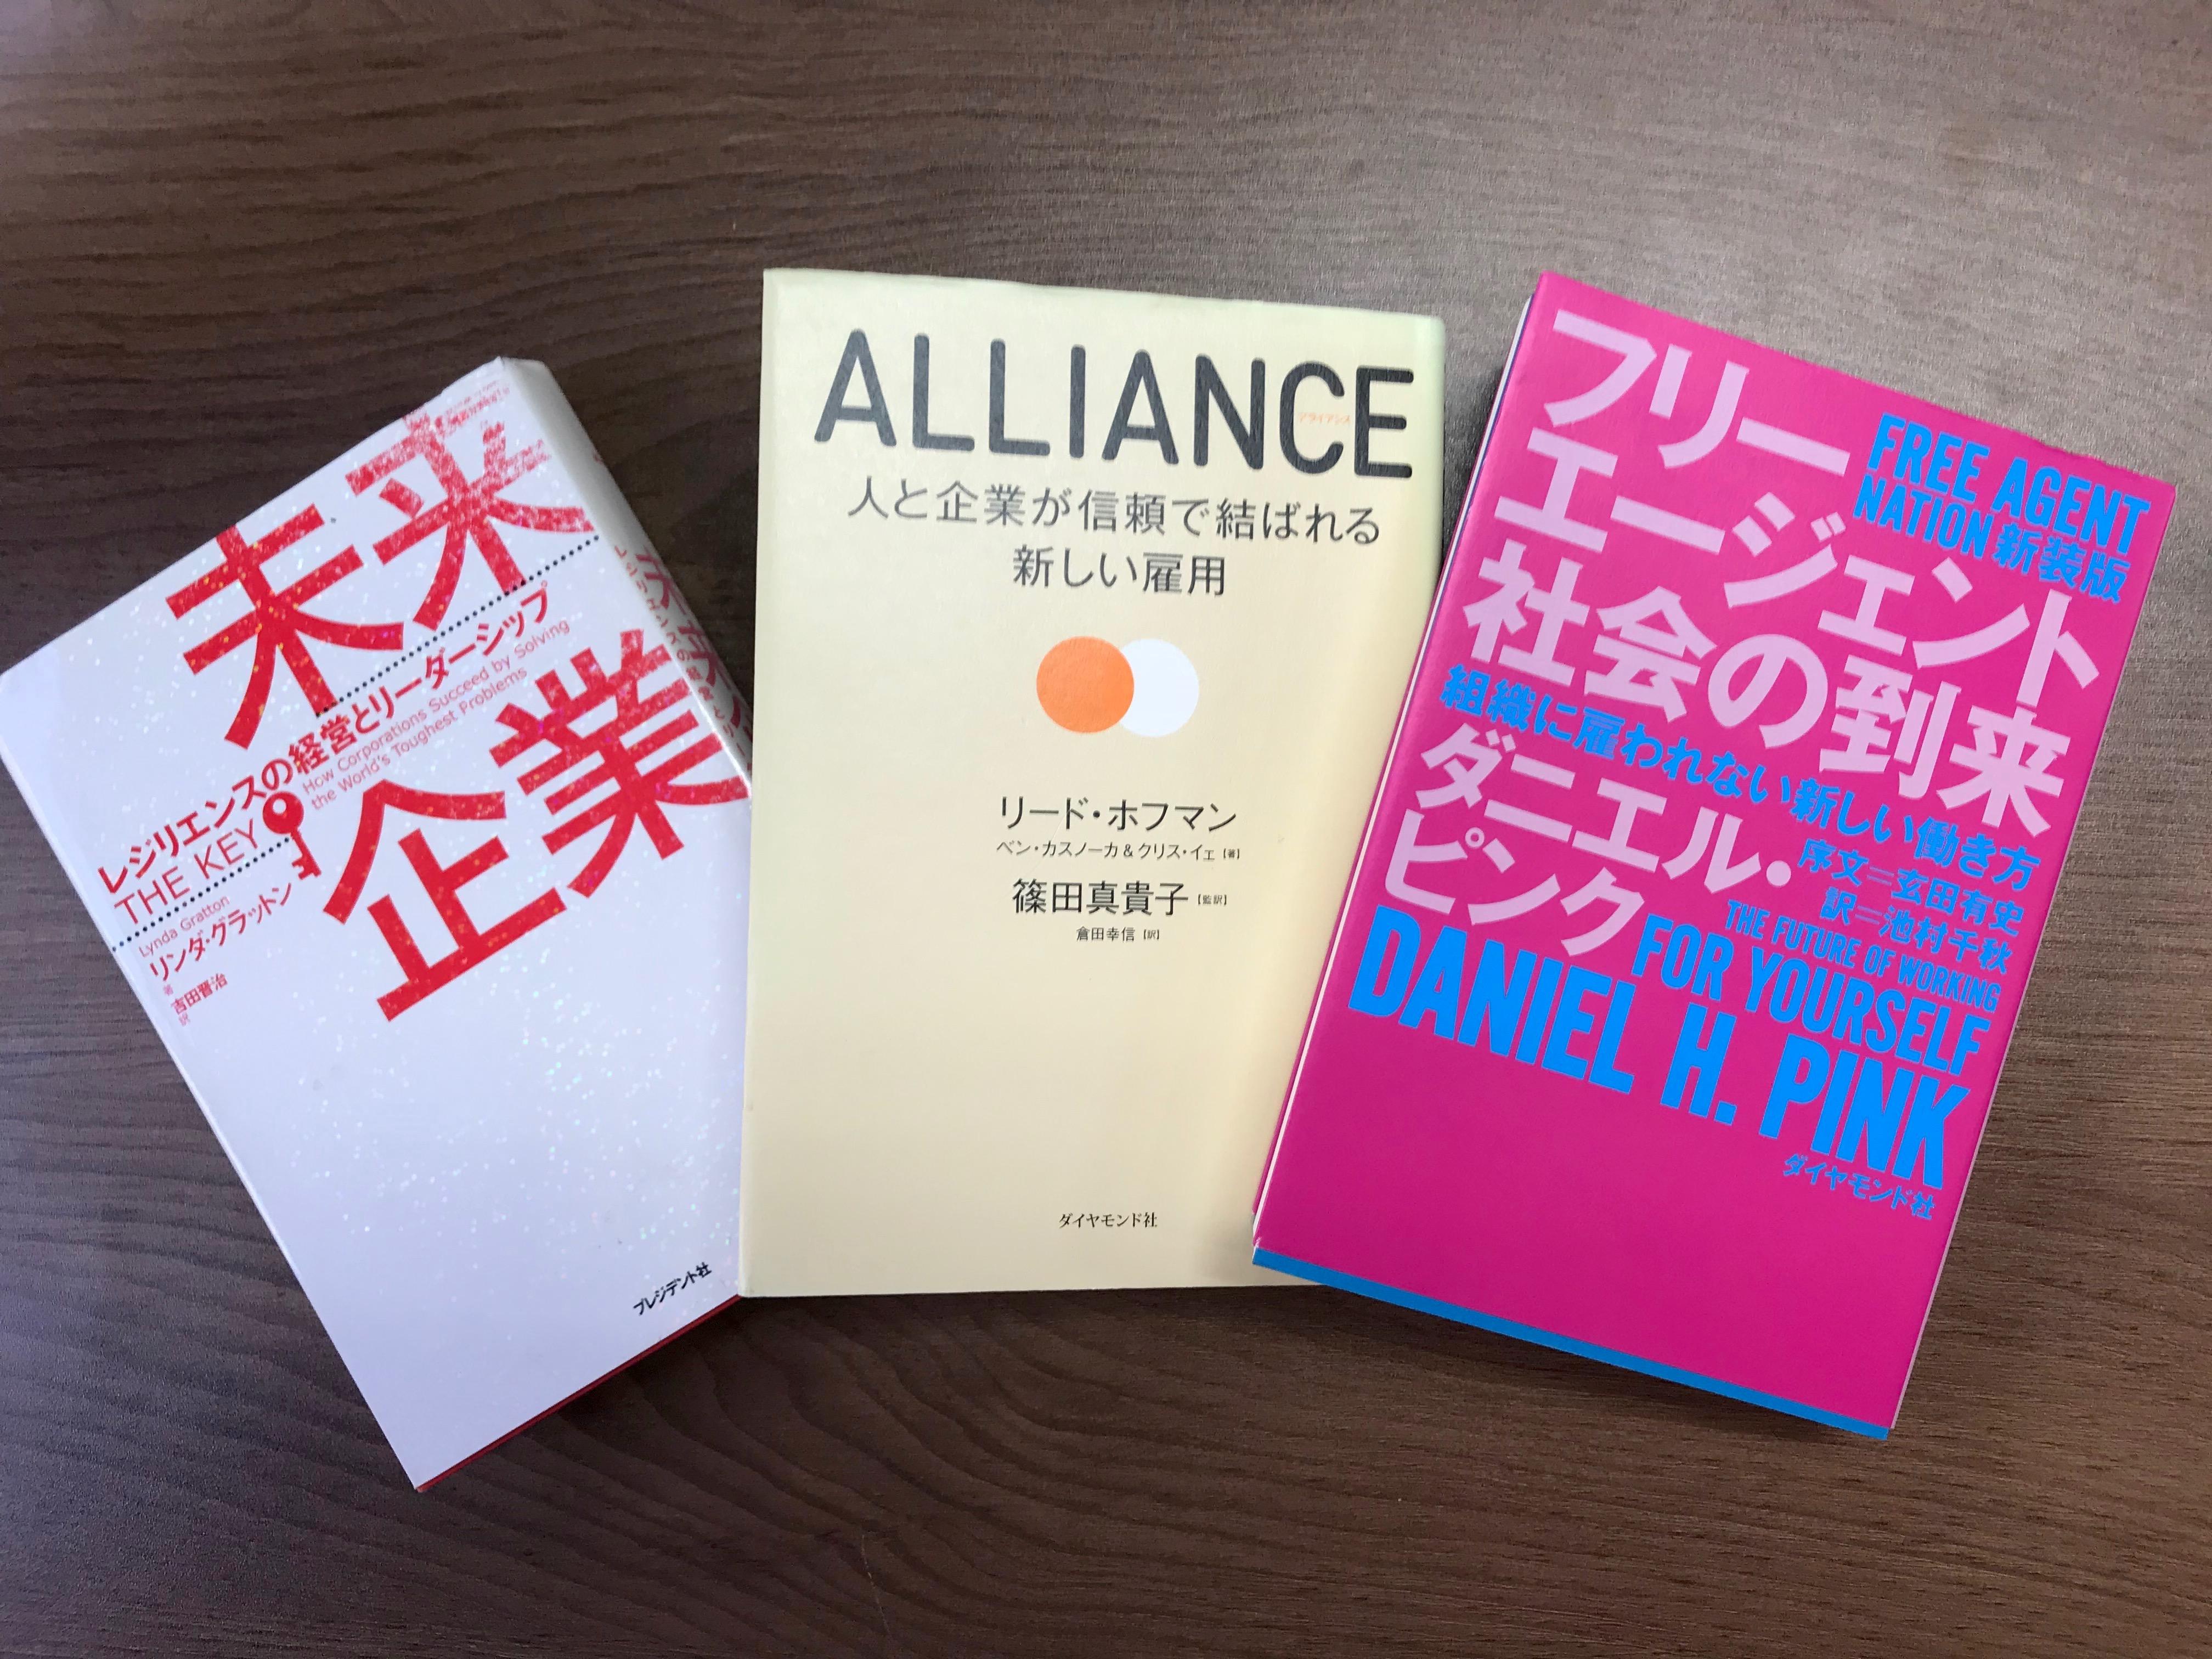 『フリーエージェント社会の到来』『未来企業』『ALLIANCE アライアンス』